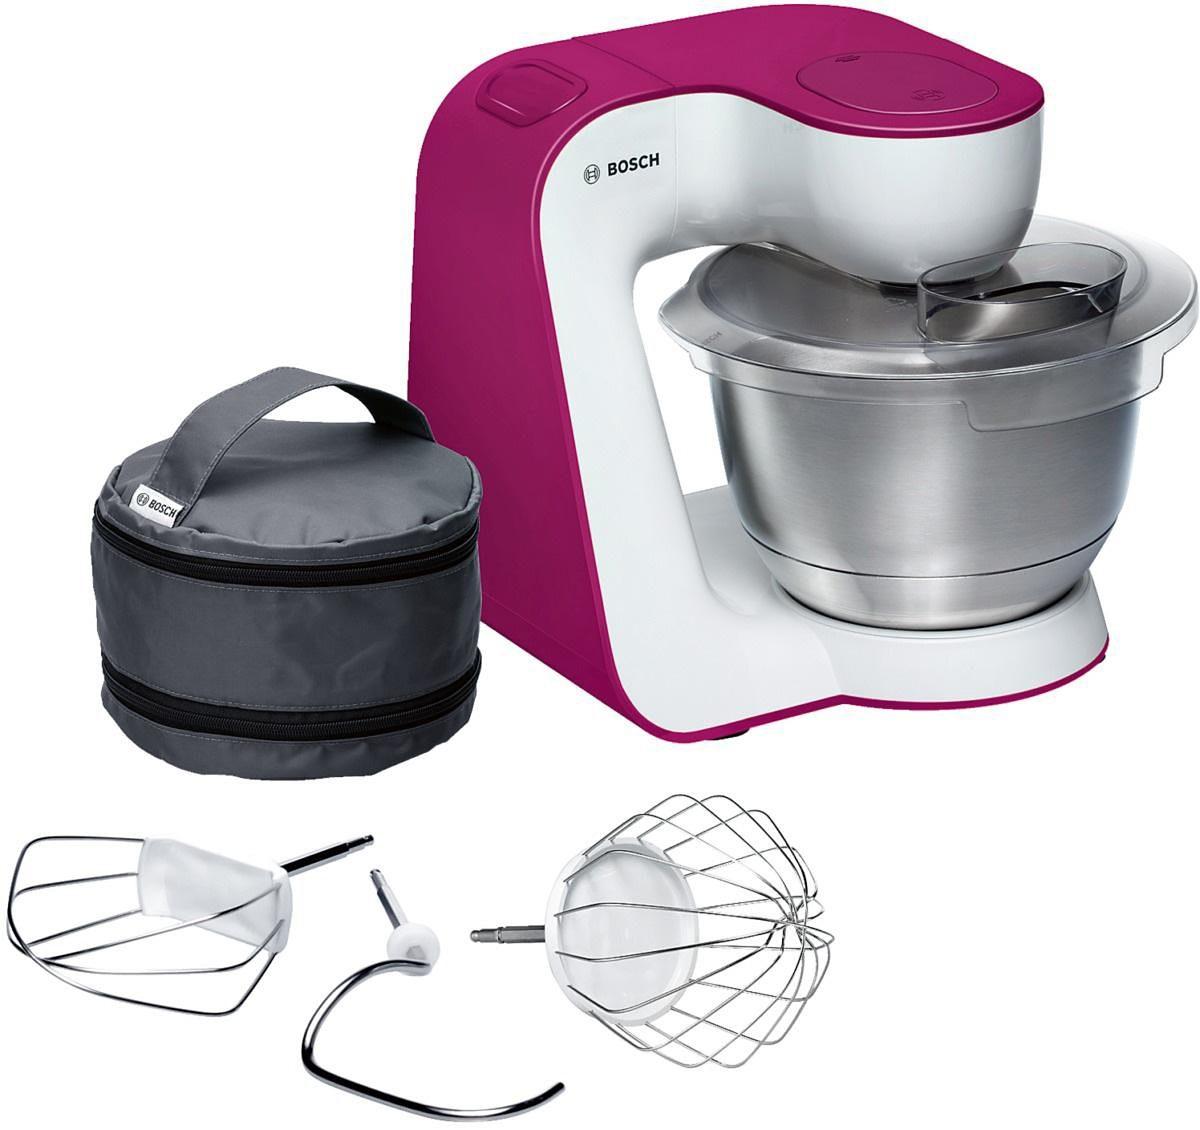 BOSCH Küchenmaschine StartLine MUM54P00, 900 W, 3,9 l Schüssel